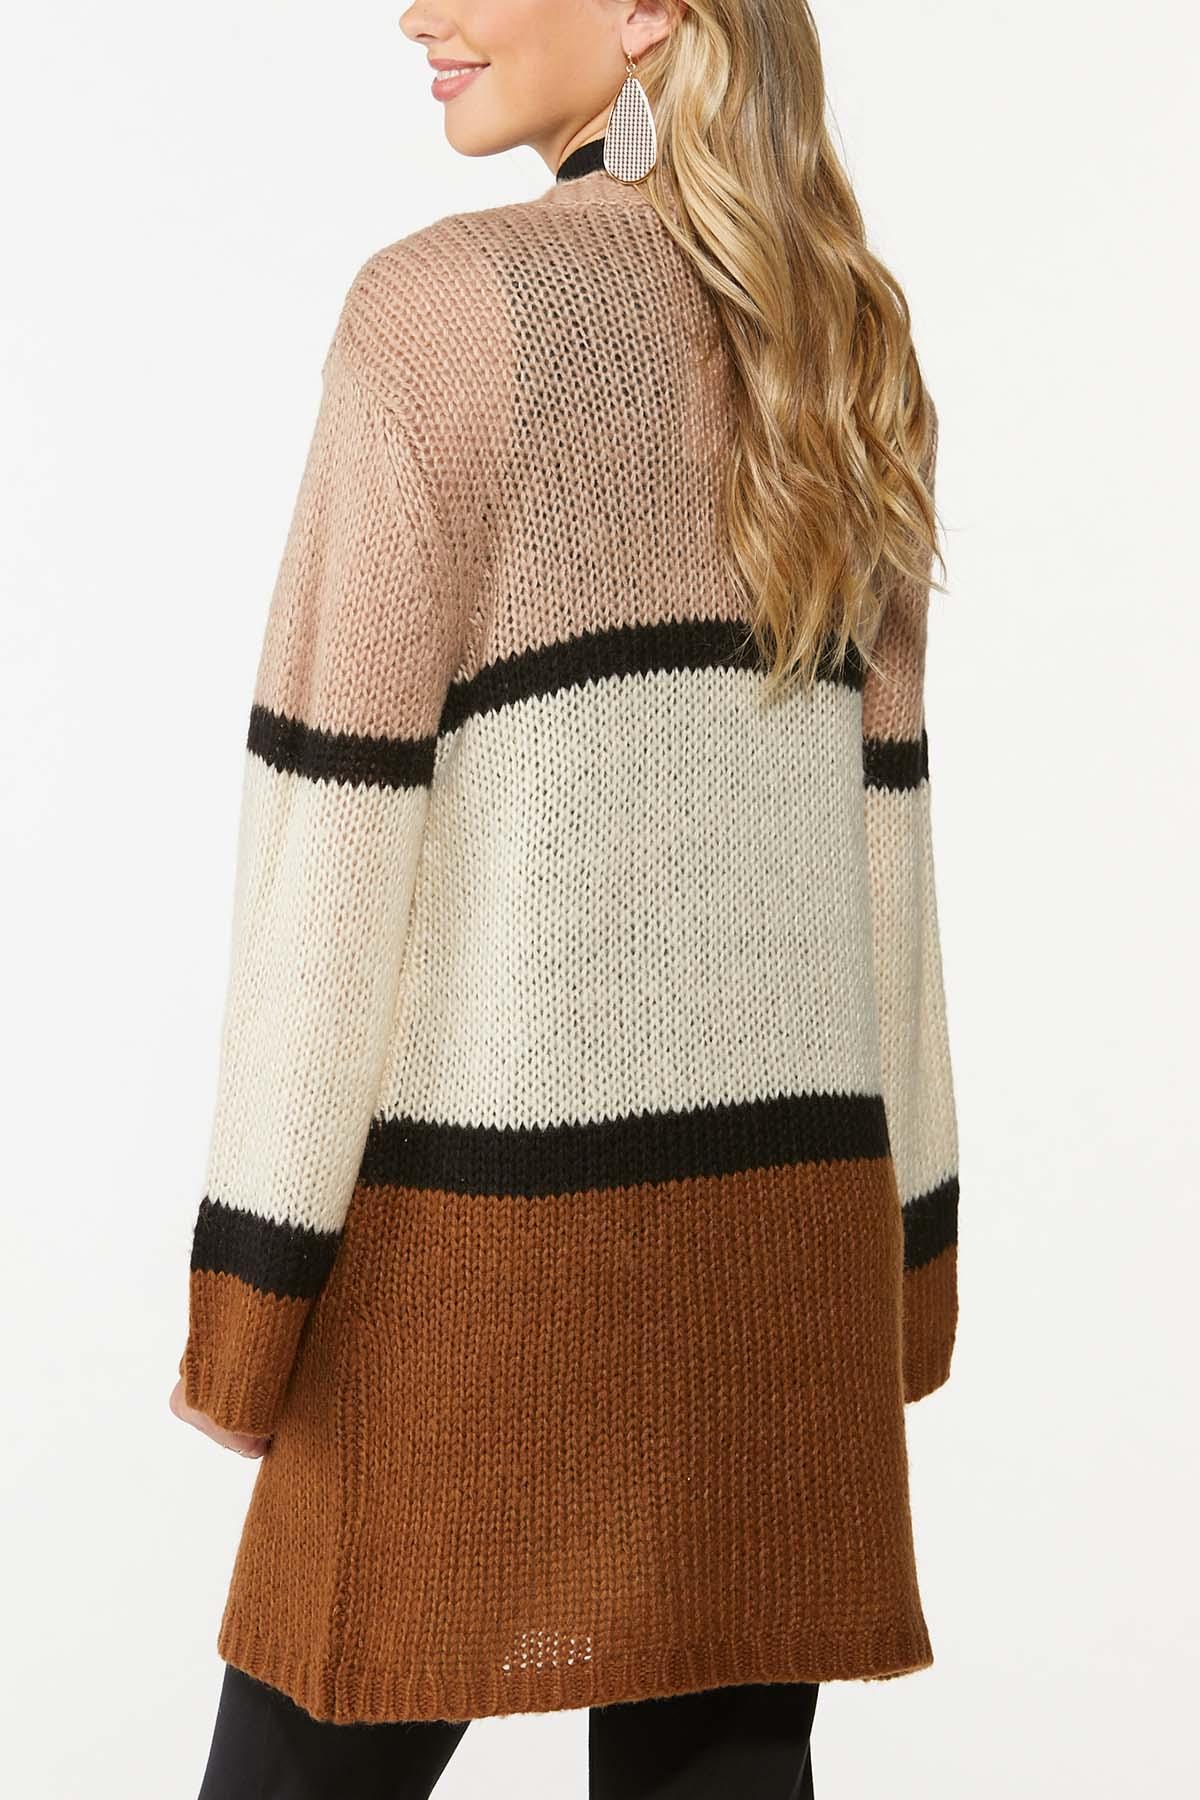 Caramel Cream Cardigan Sweater (Item #44700455)